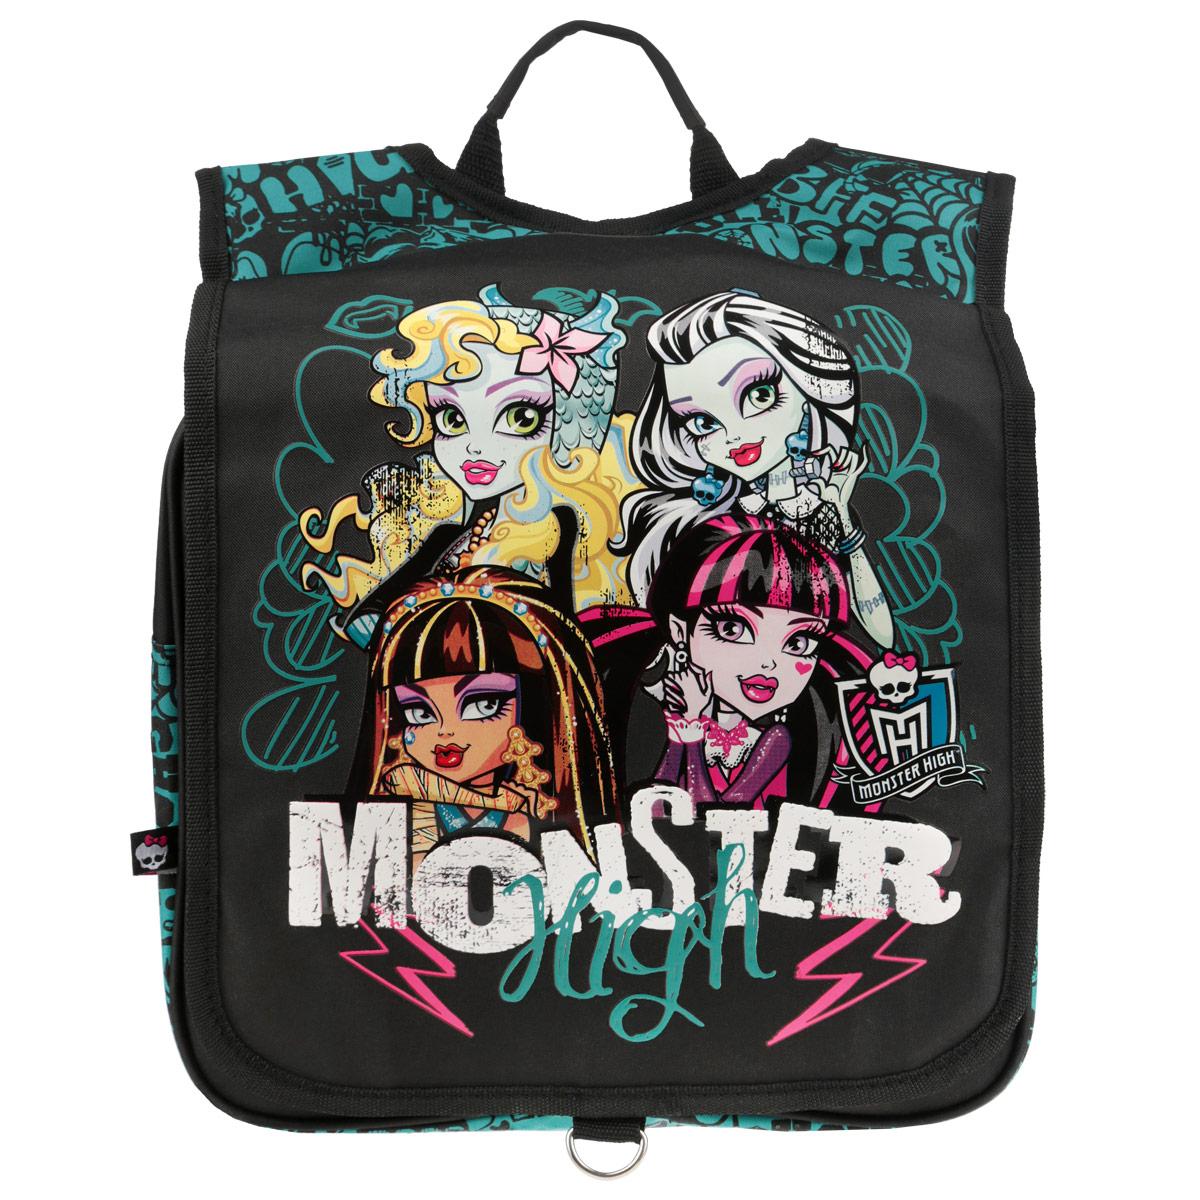 Рюкзак Monster High, цвет: черный, бирюзовый. MHBA-UT1-382MHBA-UT1-382Рюкзак Monster Highвыполнен из прочного полиэстера черного цвета и оформлен изображением героинь Monster High. Рюкзак состоит из одного вместительного отделения, застегивающегося на застежку-молнию. Сверху имеется накидной клапан на липучке. Рюкзак оснащен широкими мягкими лямками, регулируемыми по длине, которые равномерно распределяют нагрузку на плечевой пояс, и удобной ручкой для переноски в руке.